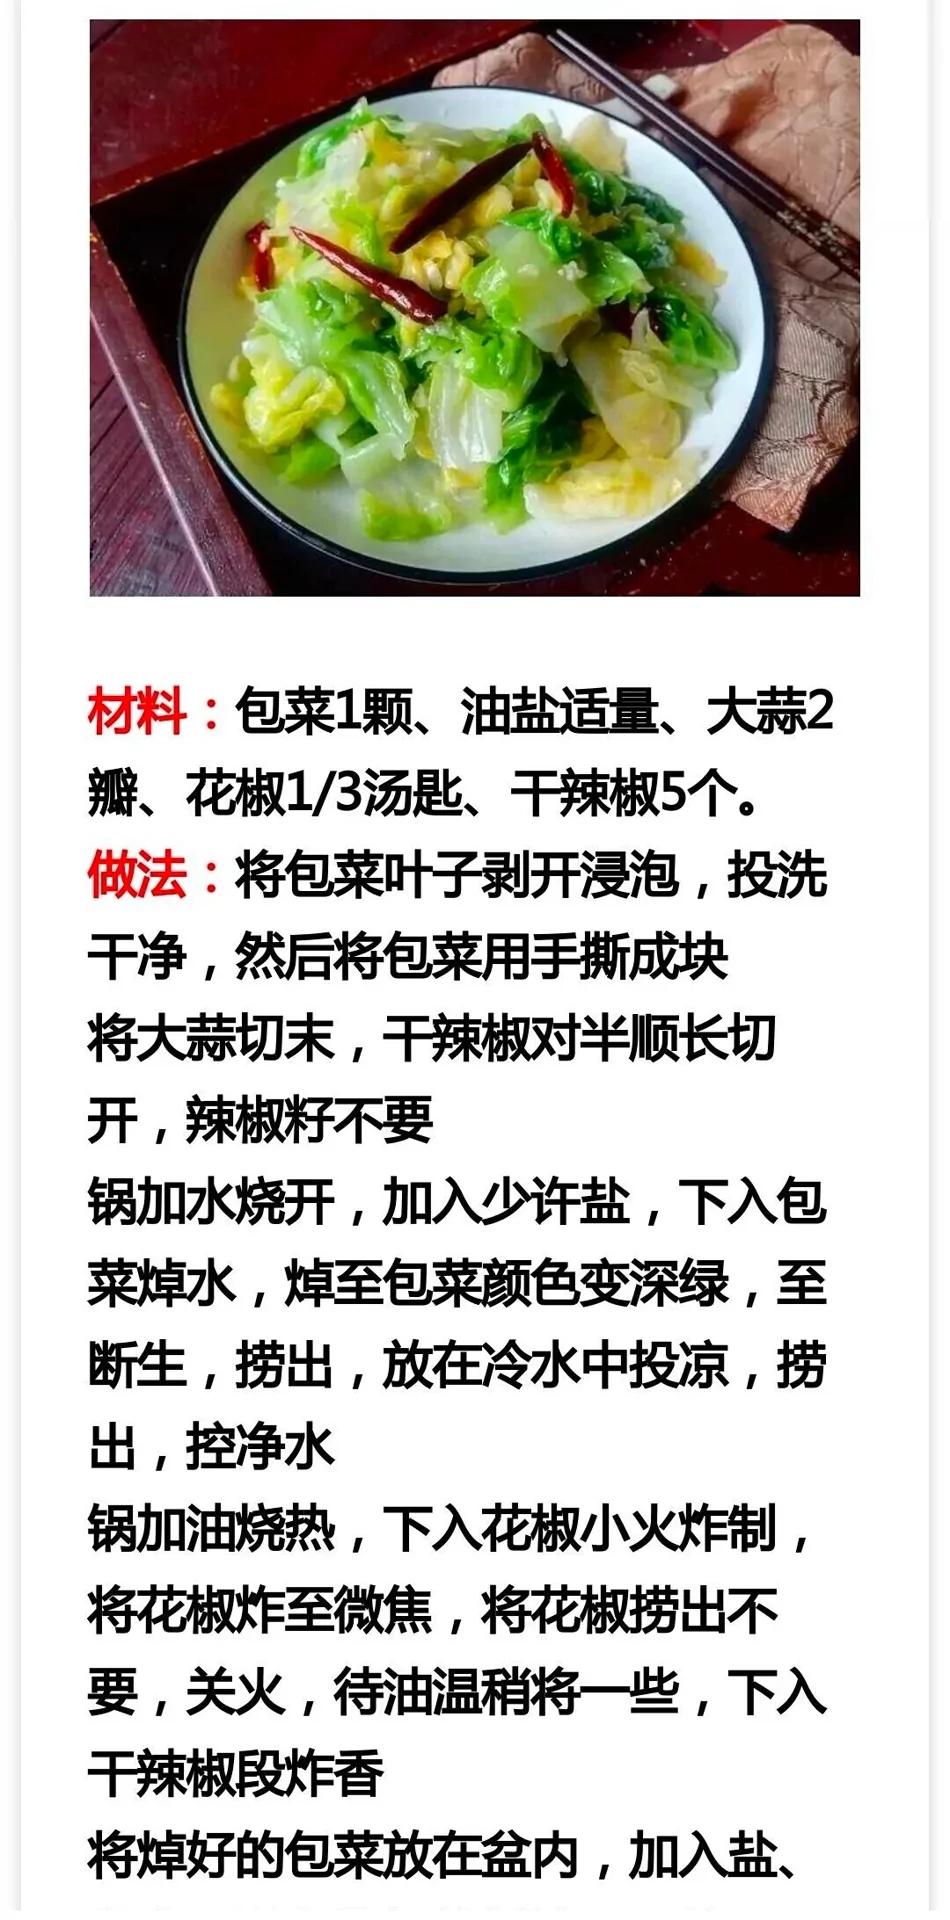 家常凉拌菜做法 美食做法 第9张